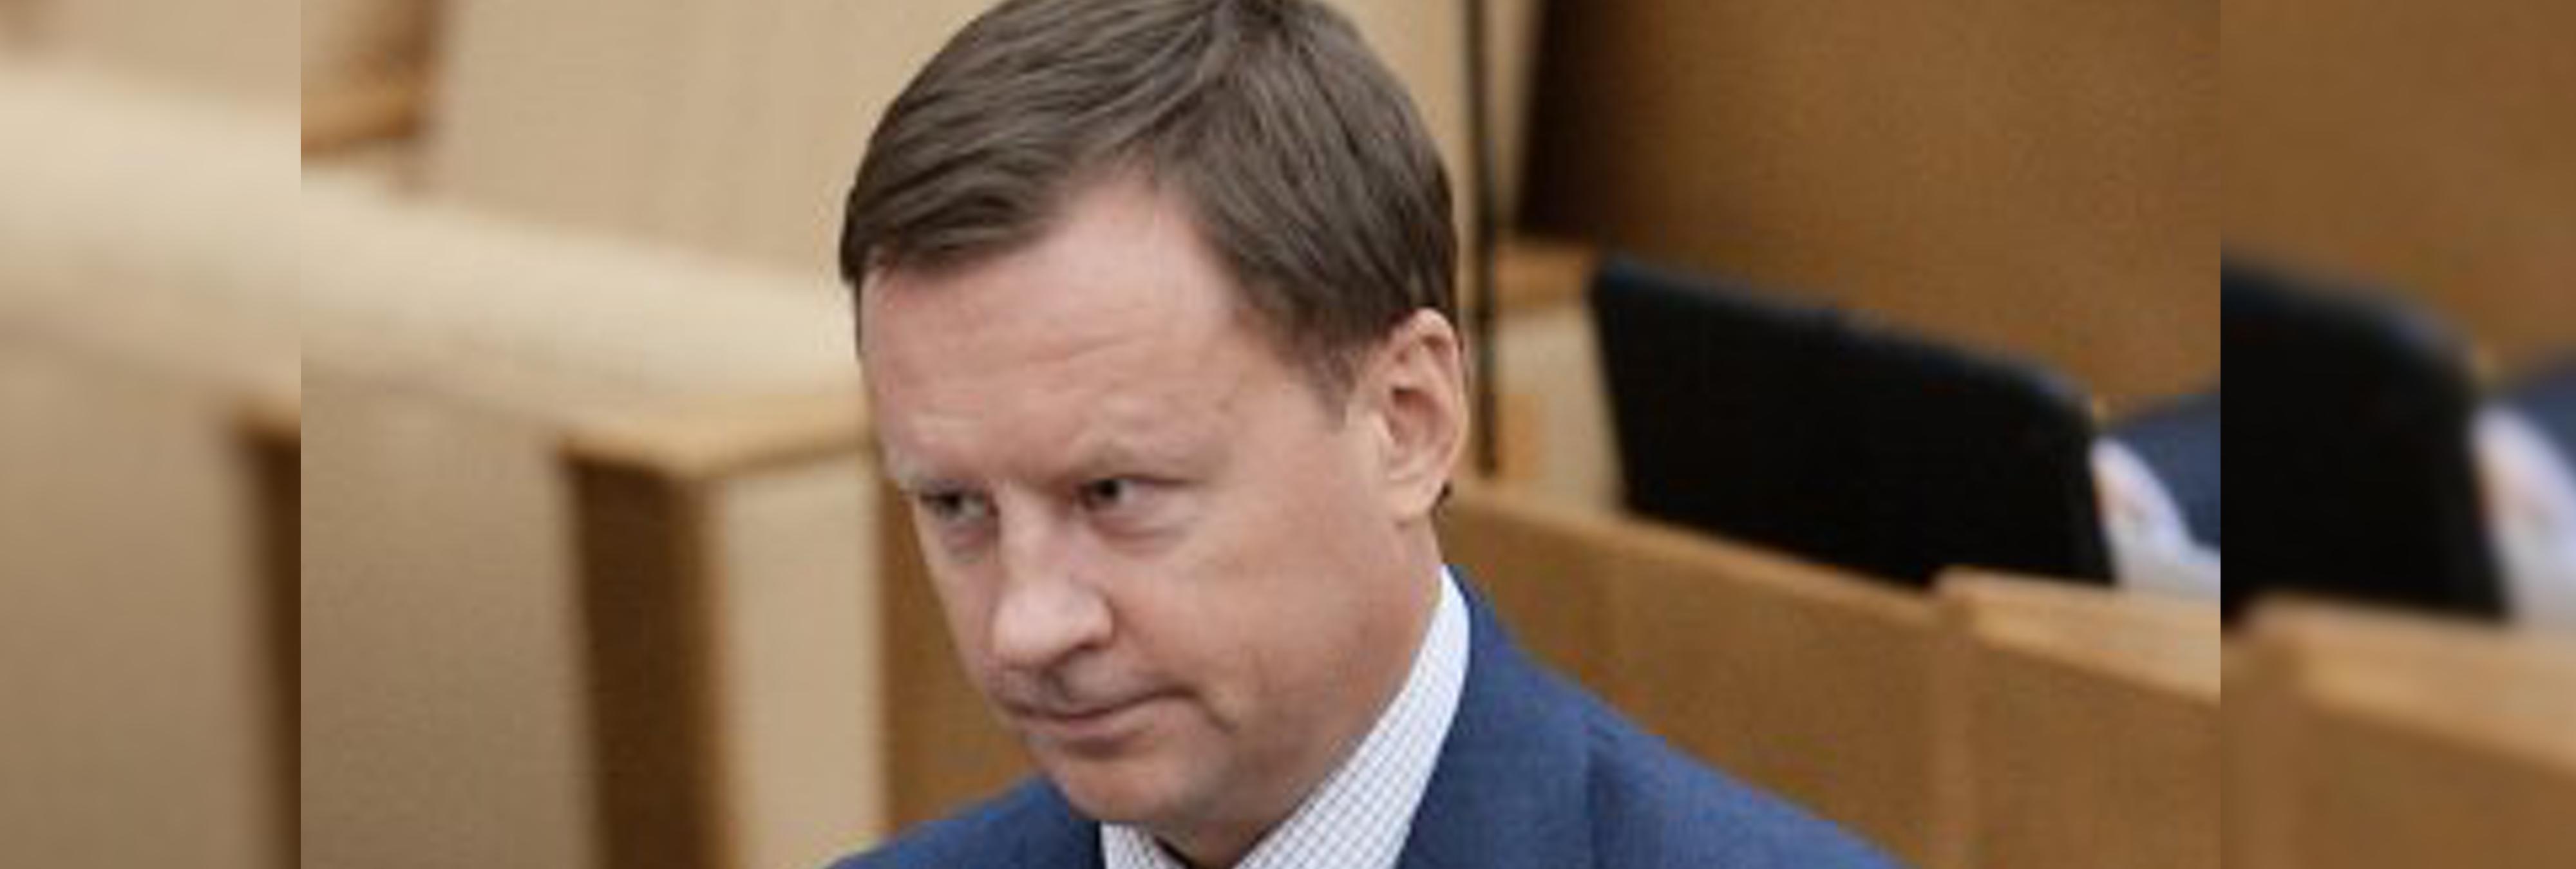 Matan a tiros a un exdiputado ruso en el centro de Kiev